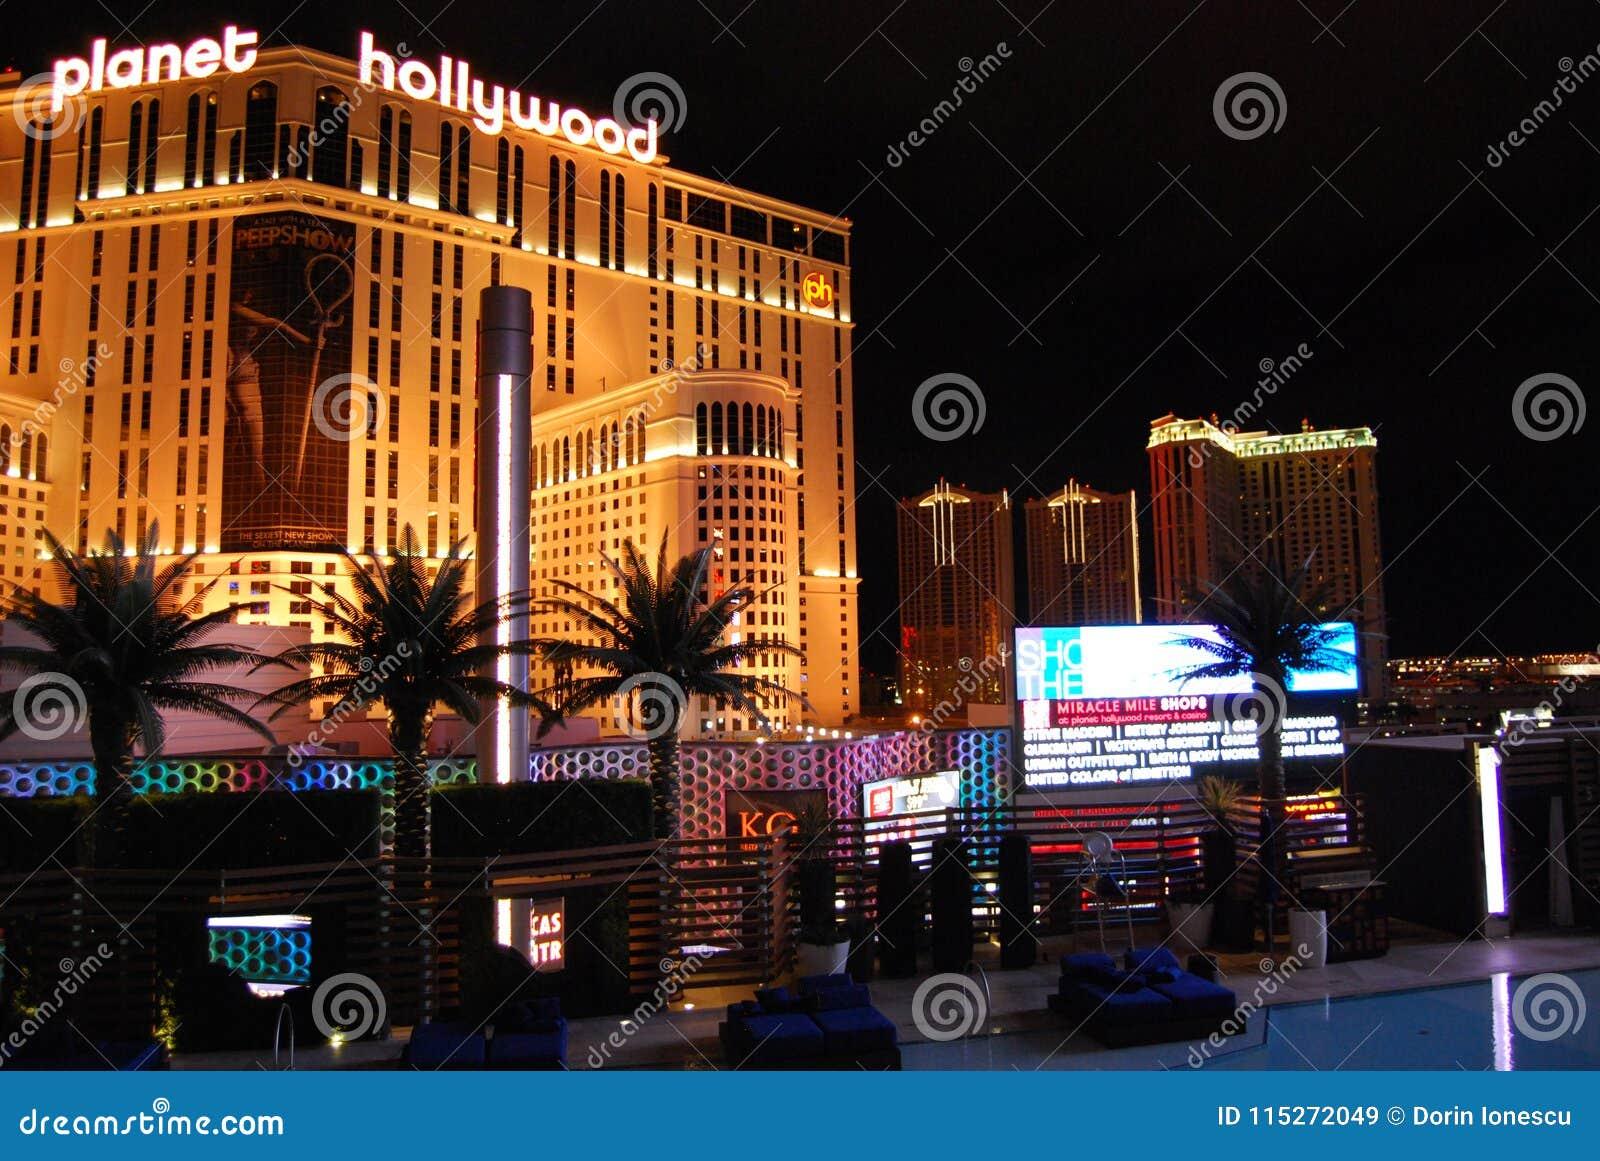 Гостиница Парижа и казино, курорт Голливуда планеты и казино, Лас-Вегас, район метрополитена, ноча, метрополия, ориентир ориентир